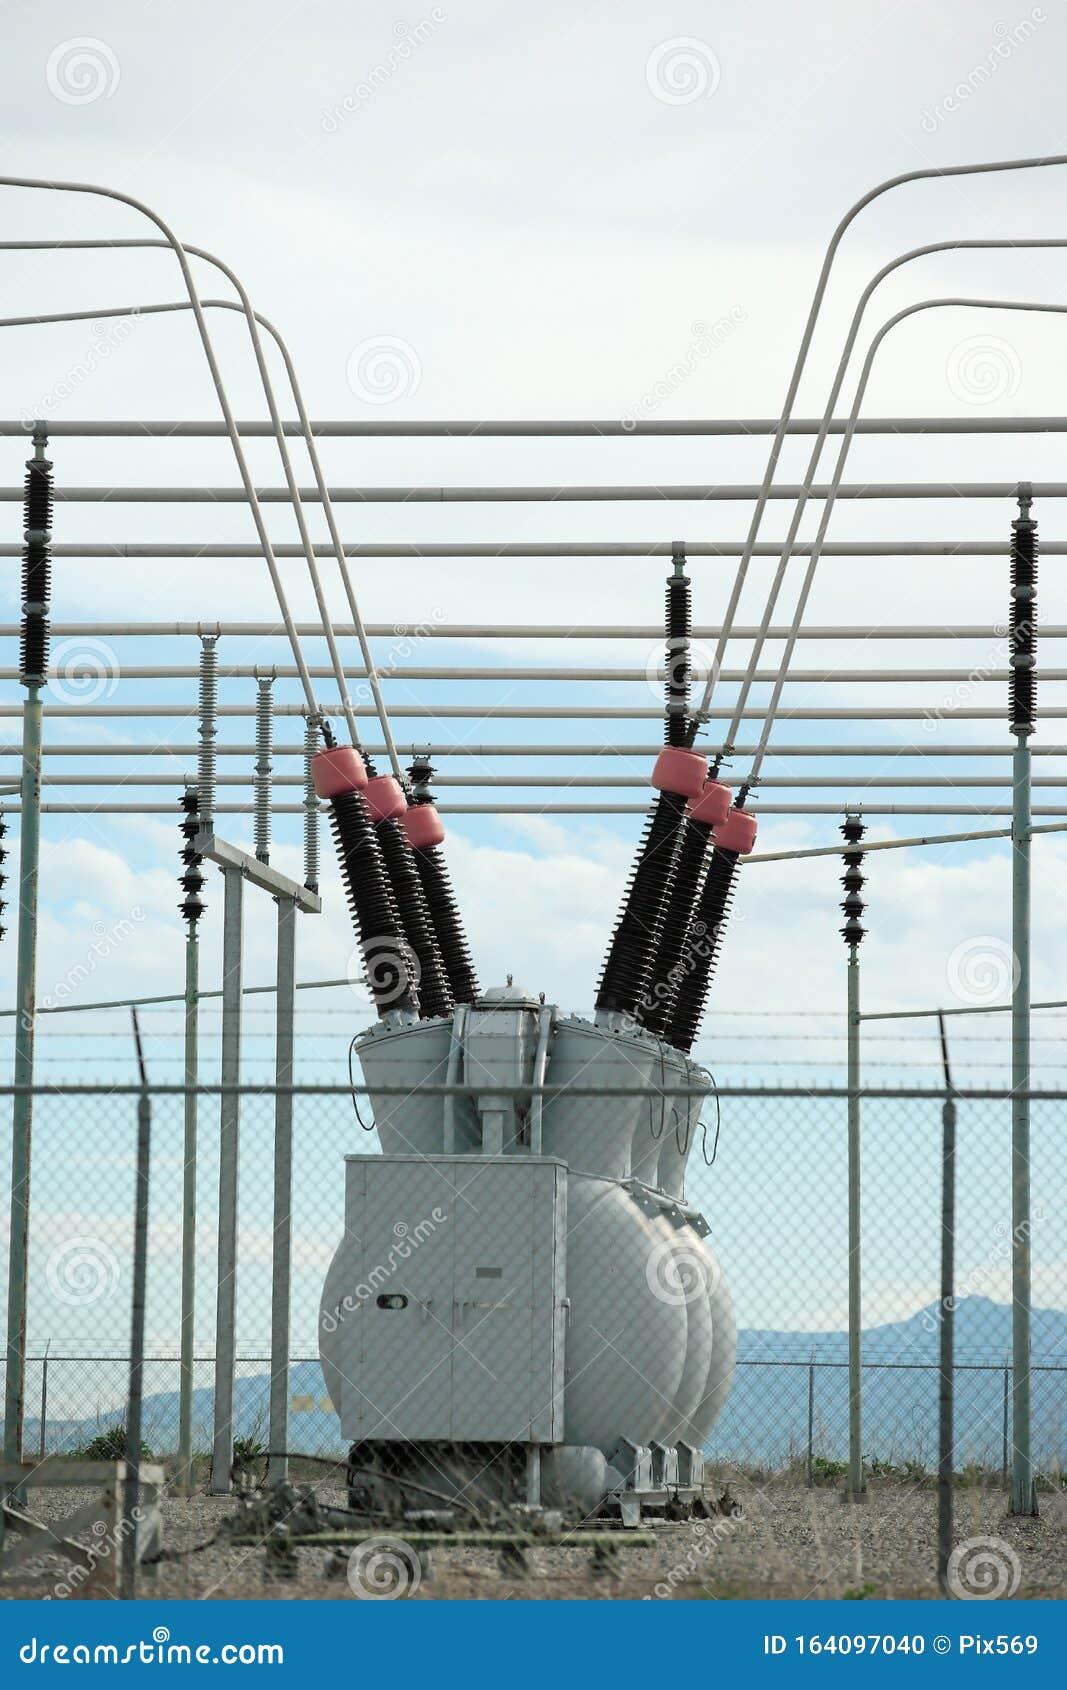 High-Voltage (HV) Electrical Substation 110kV - CR